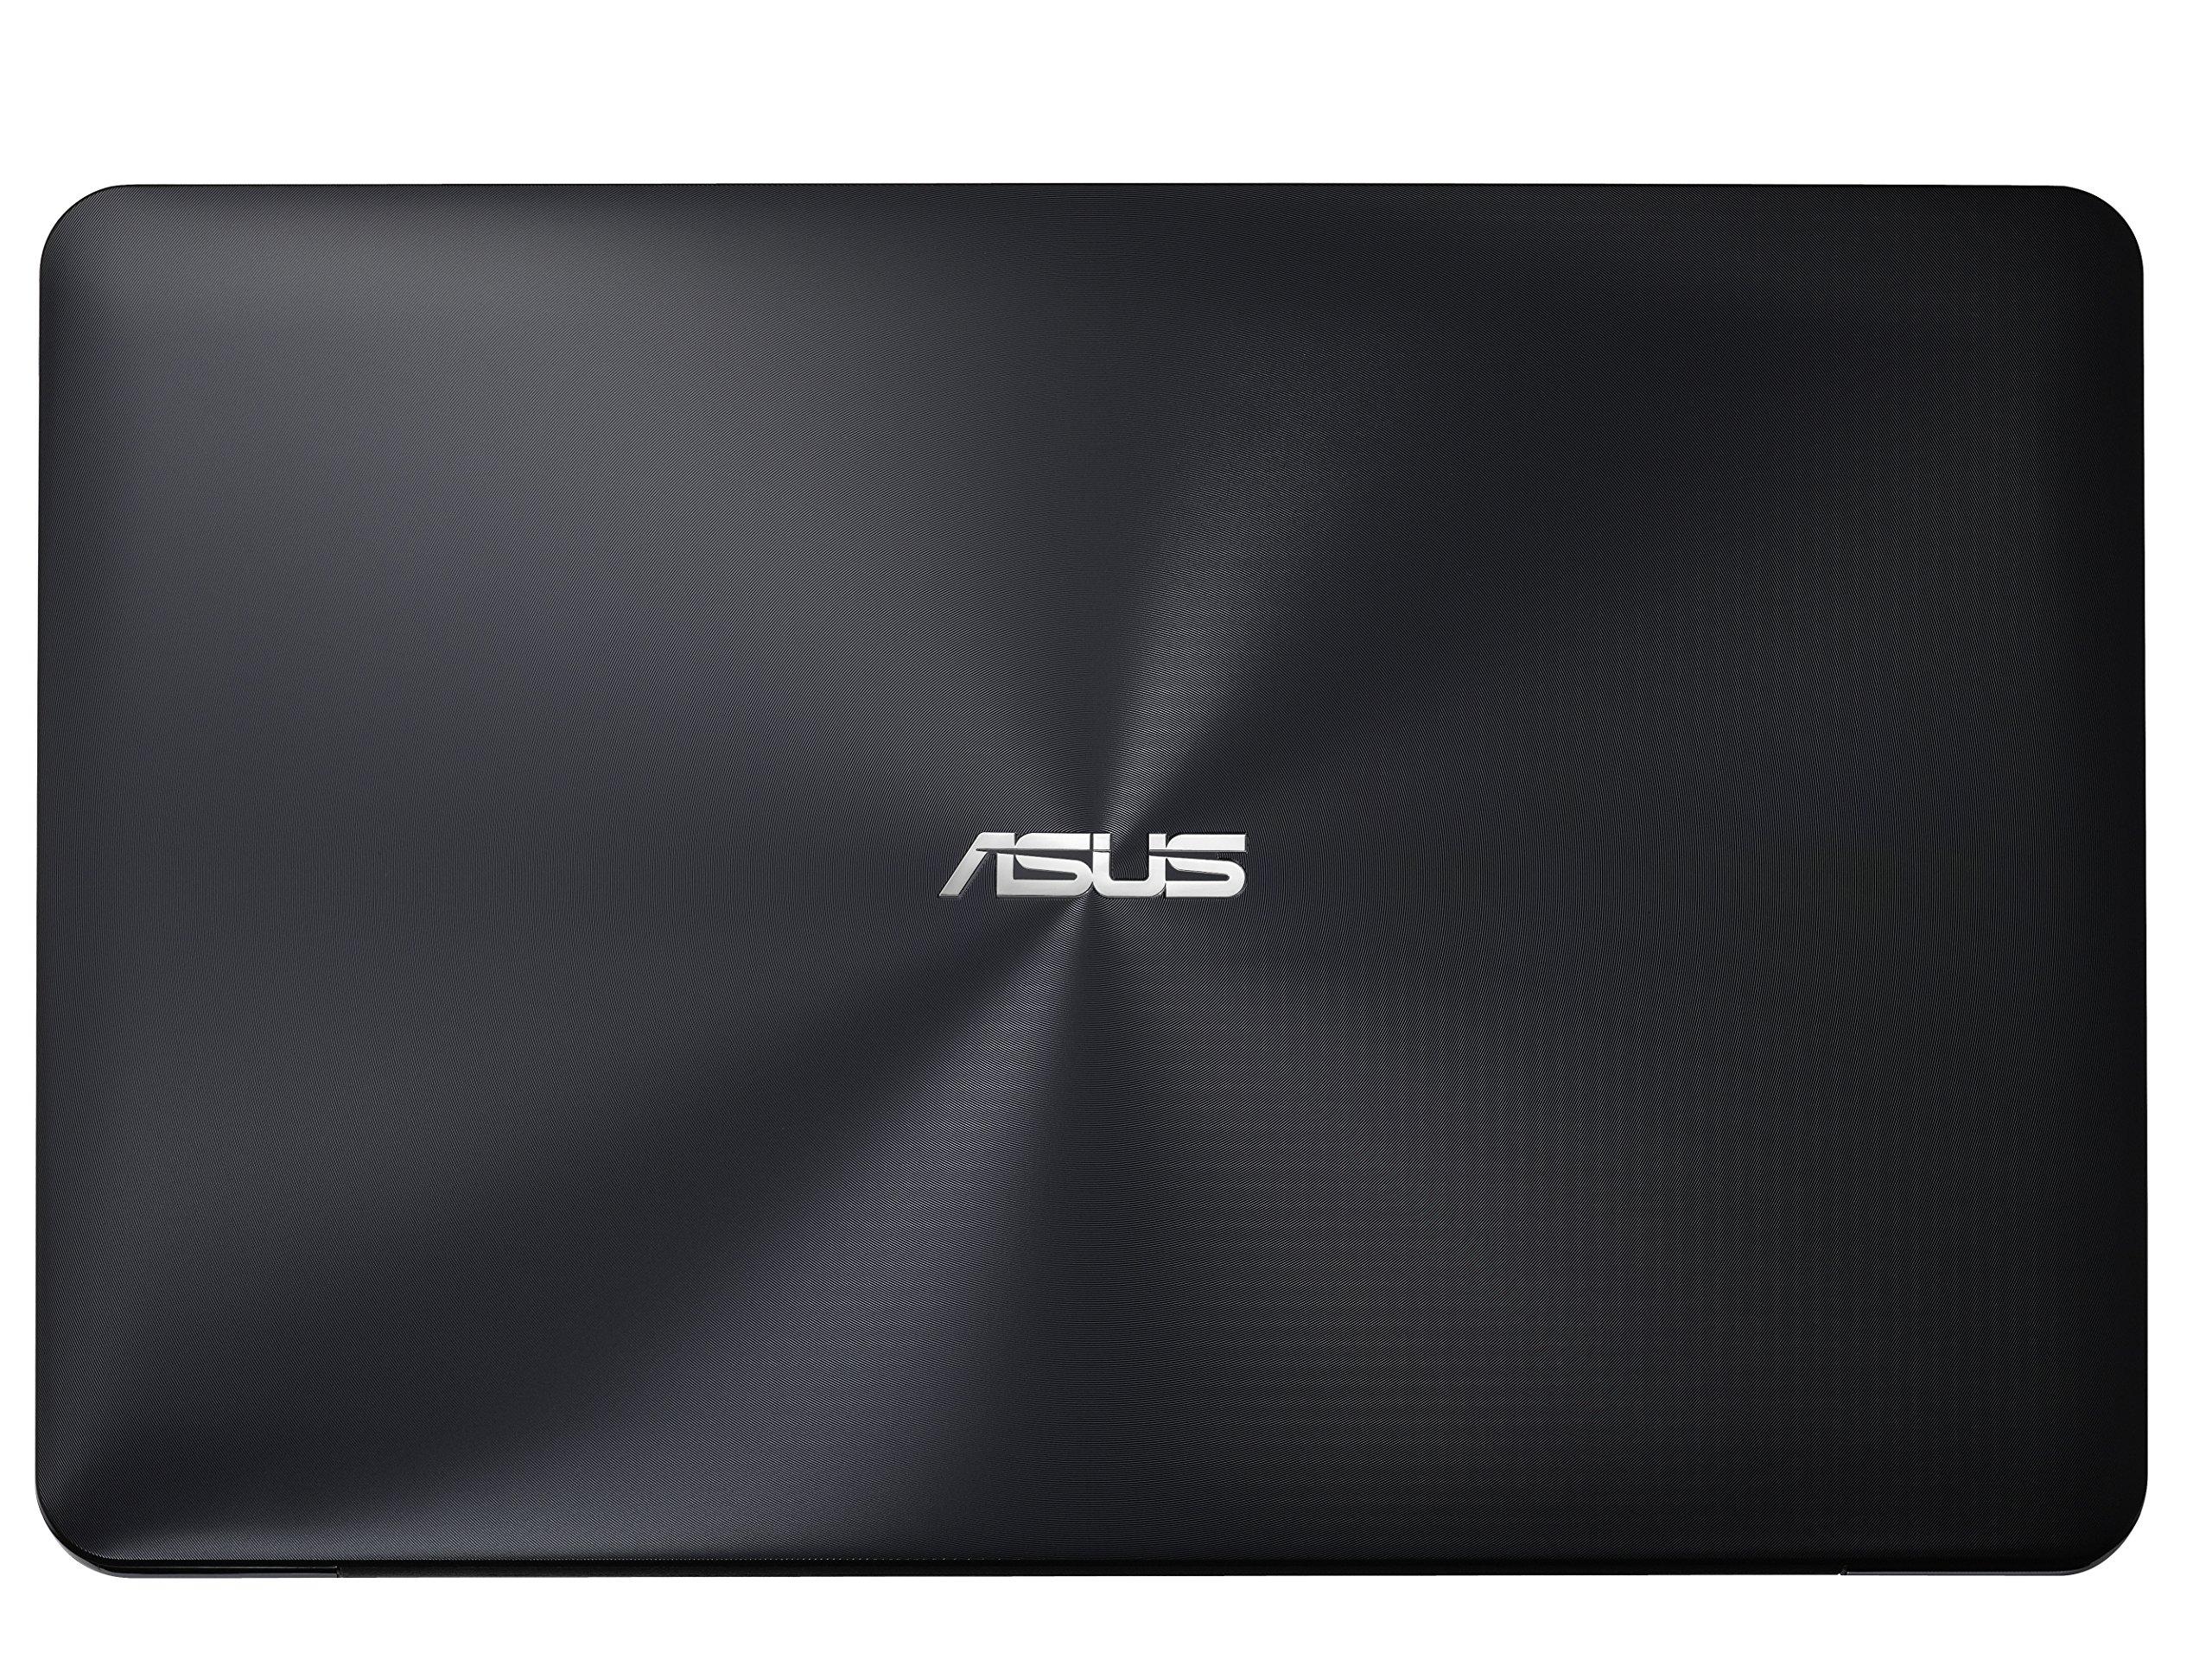 """ASUS X555QA Laptop, 15.6"""" HD, AMD Quad Core A12-9700P (Up to 3.4GHz) Processor, 8GB DDR4 RAM, 1TB Hybrid HDD, Windows 10… 3"""